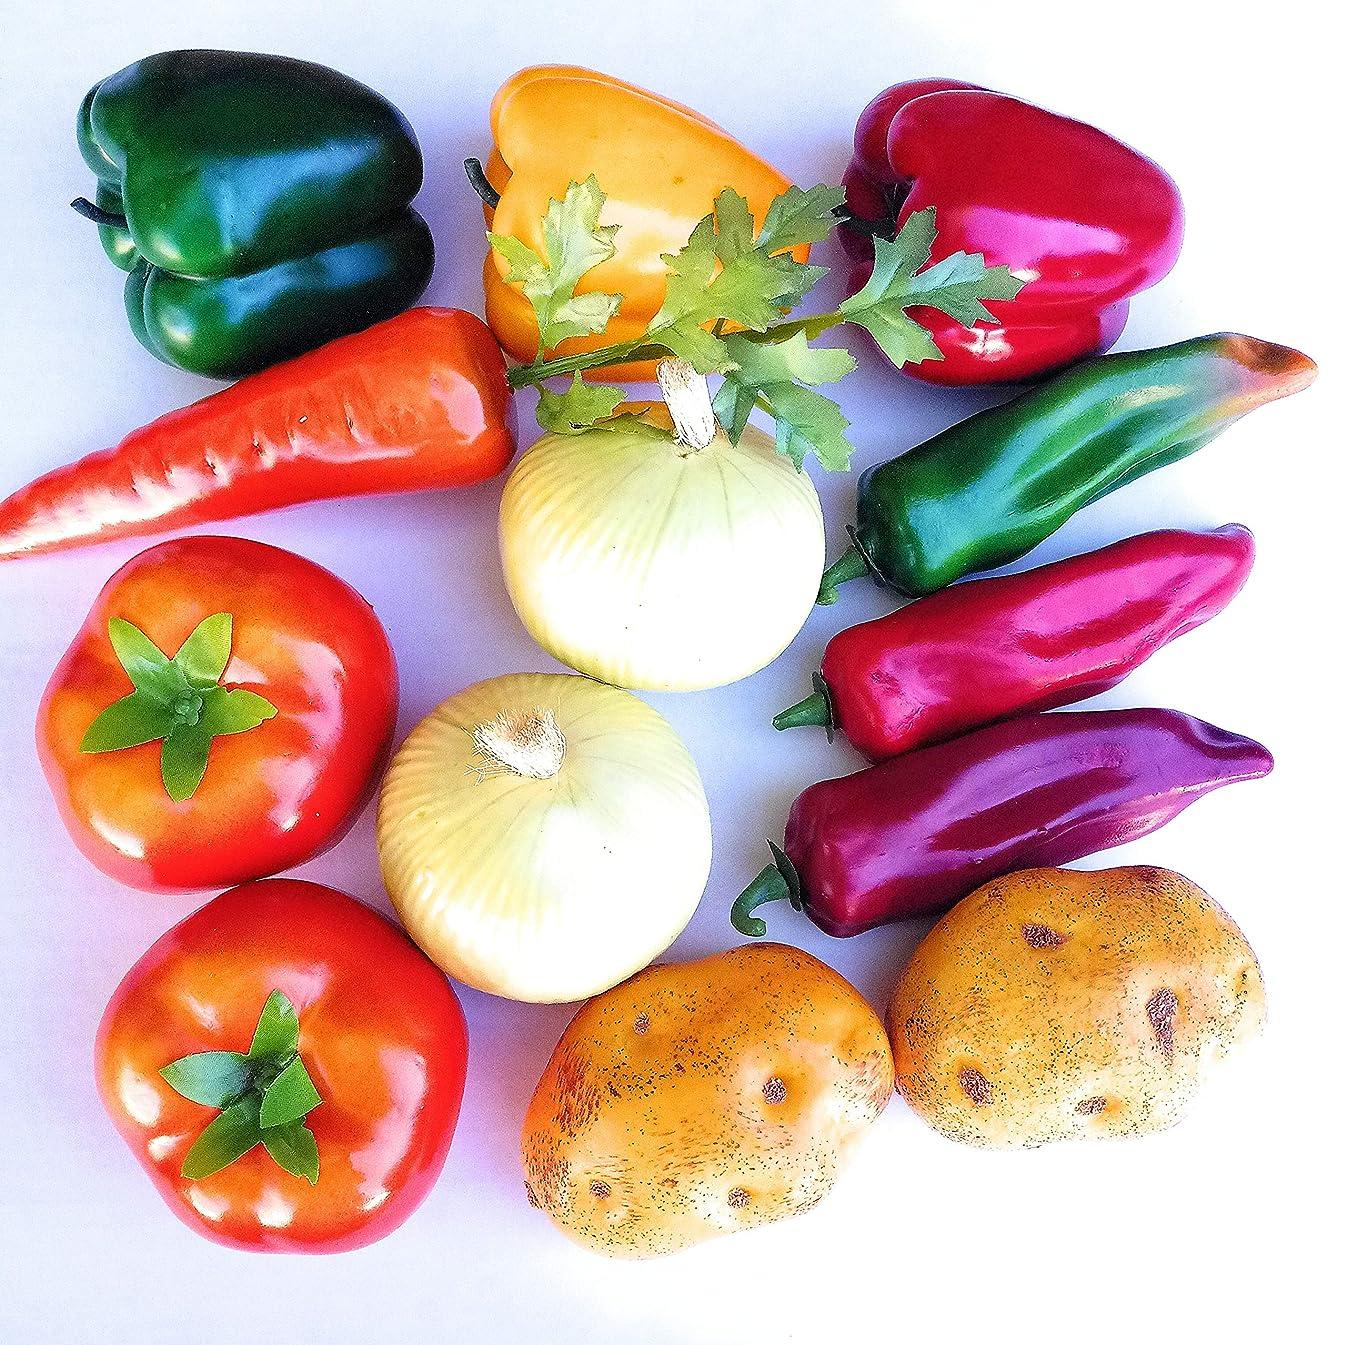 Mezly 12pcs Set Artificial Vegetables Silation Vegetables Decoration Kitchen Home Decor Realistic Fake Vegetables Decor Set Photo Props